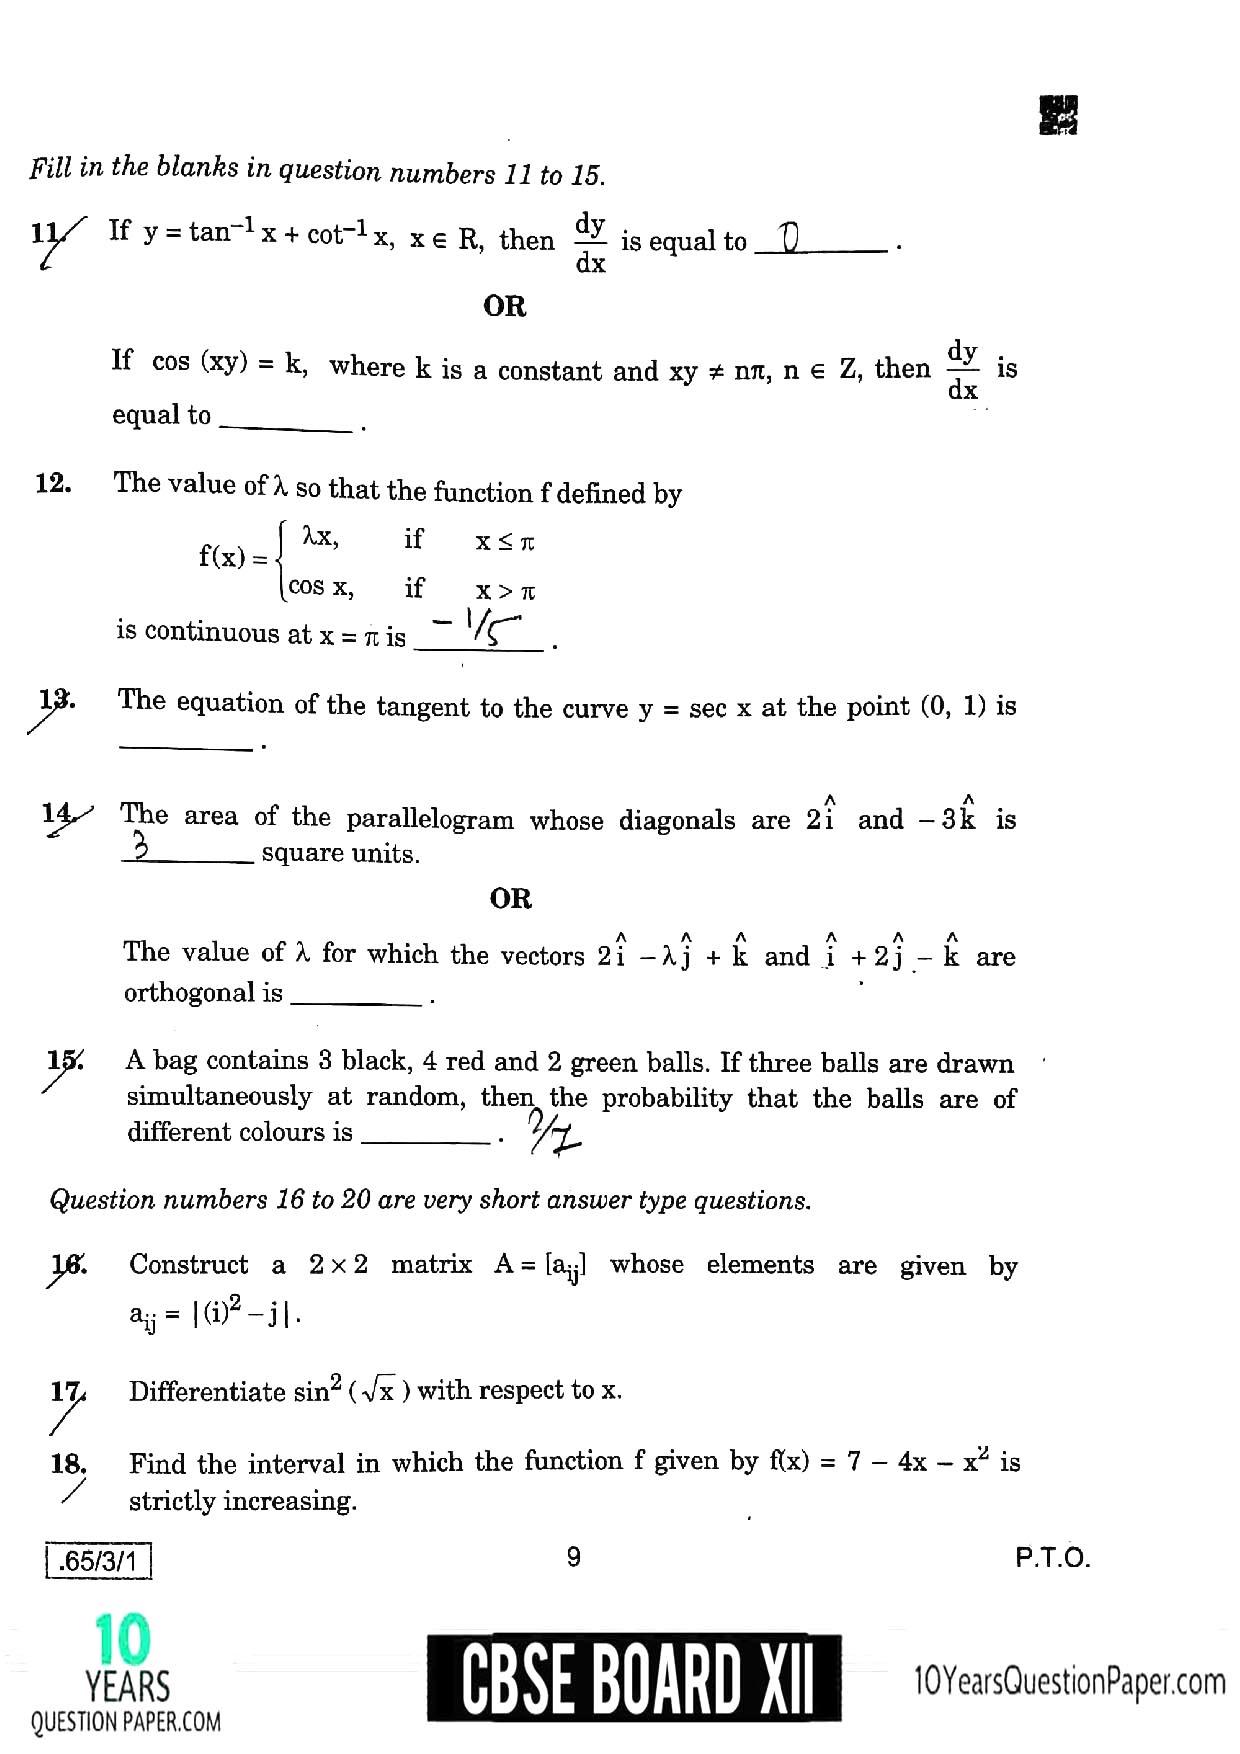 CBSE Class 12 Maths 2020 Question Paper 05